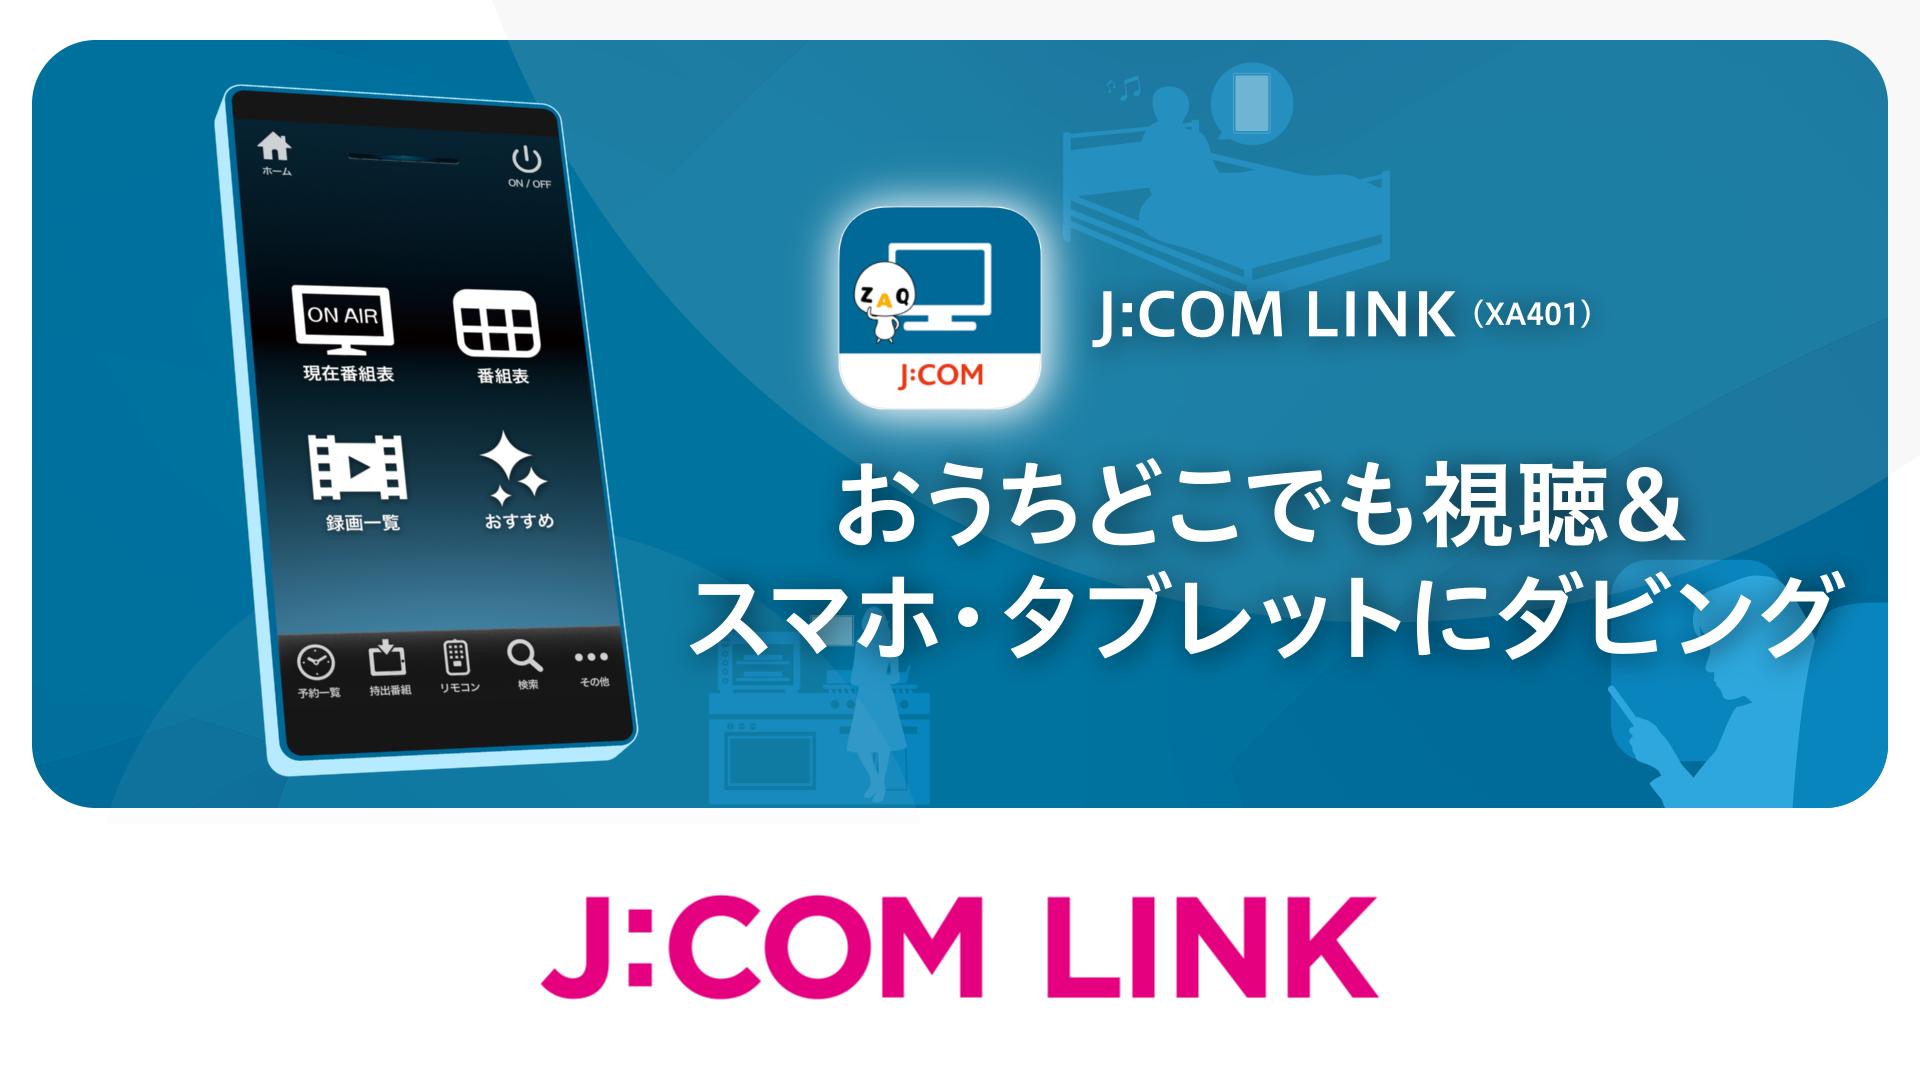 J:COM LINK - おうちどこでも視聴&スマホ・タブレットにダビング(動画)